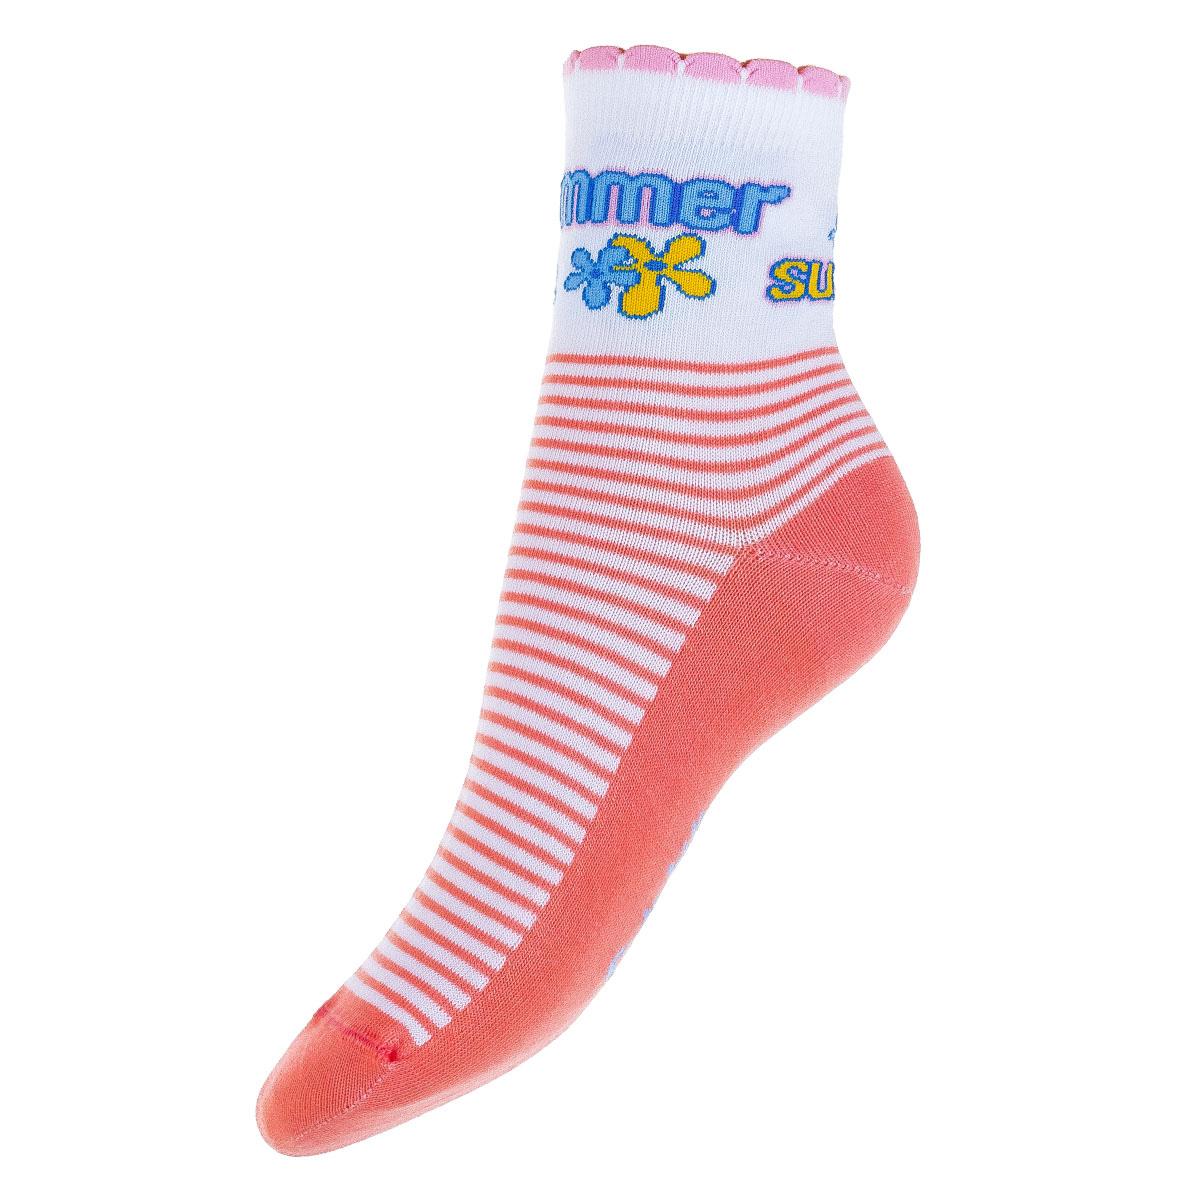 Носки739117021-239Удобные носочки для девочки Conte-Kids Tip-top, изготовленные из высококачественного комбинированного материала, очень мягкие и приятные на ощупь, позволяют коже дышать. Модель оформлена эластичной резинкой в паголенке, которая плотно облегает ногу, обеспечивая комфорт и удобство. Носки оформлены ярким принтом.